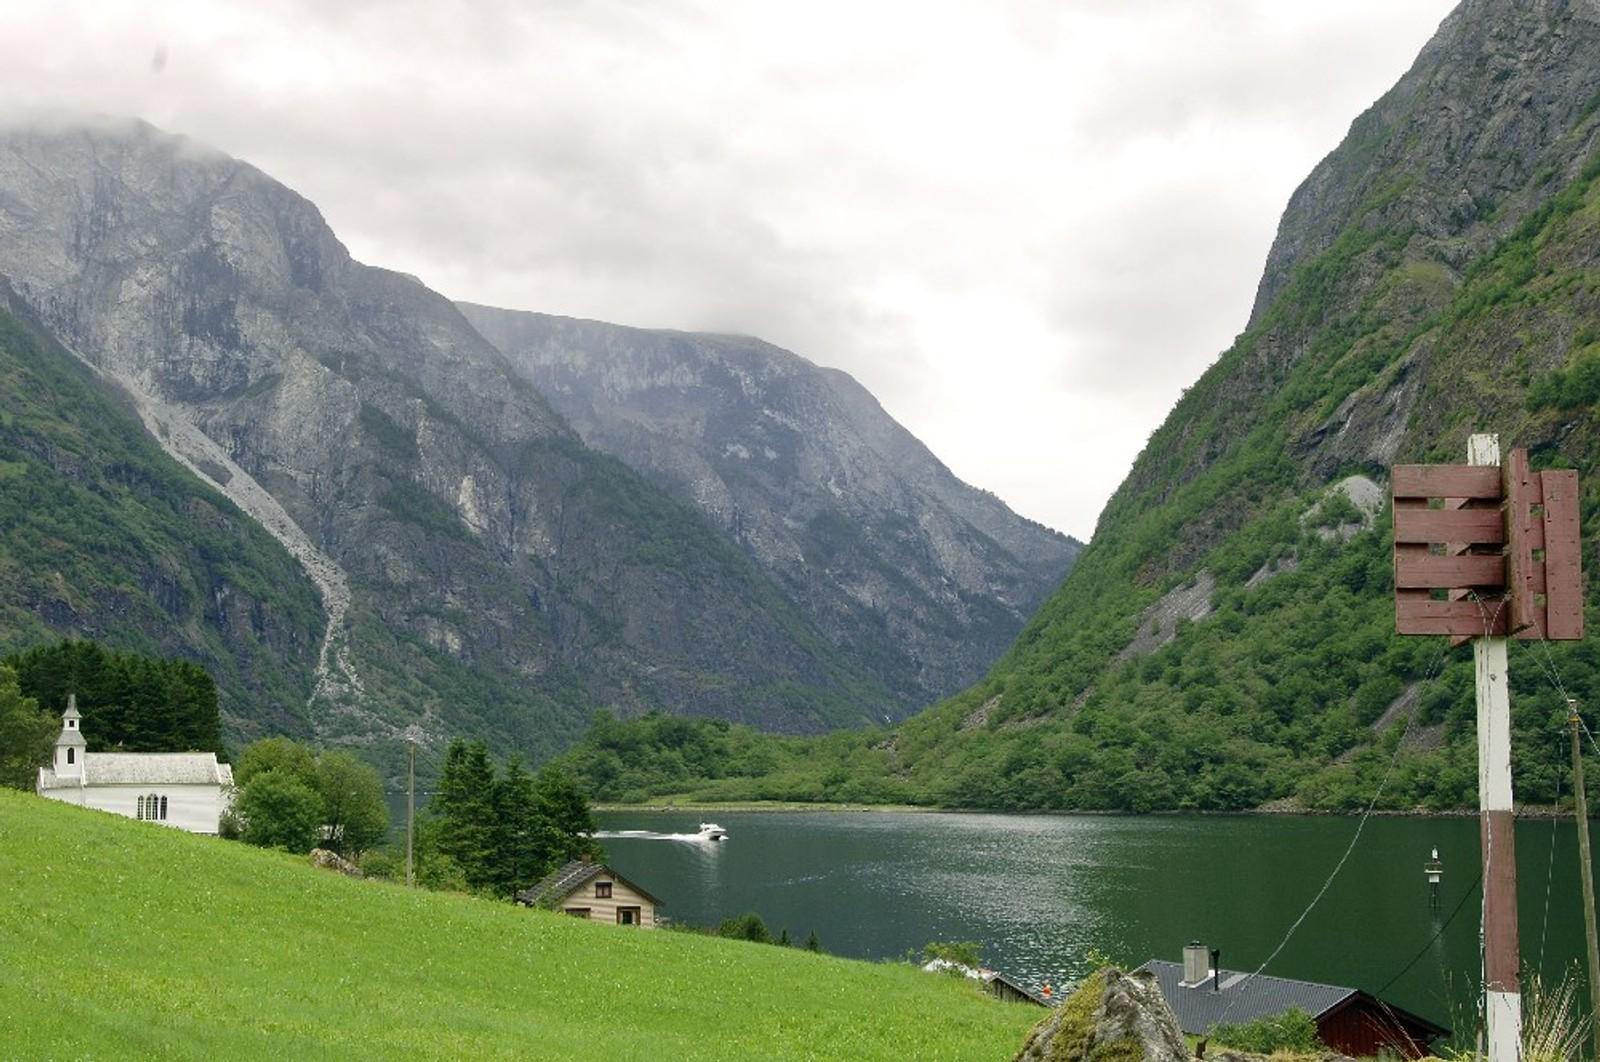 NÆRØYFJORDEN: Verdensarven Vestnorsk fjordlandskap omfatter Geirangerfjorden i Møre og Romsdal og Nærøyfjorden i Sogn og Fjordane. De to spektakulære fjordområdene ligger 120 km fra hverandre og er geologisk sett eksempler på klassiske fjordlandskap. De viser hvordan landskapet har utviklet seg fra den siste istida fram til i dag.